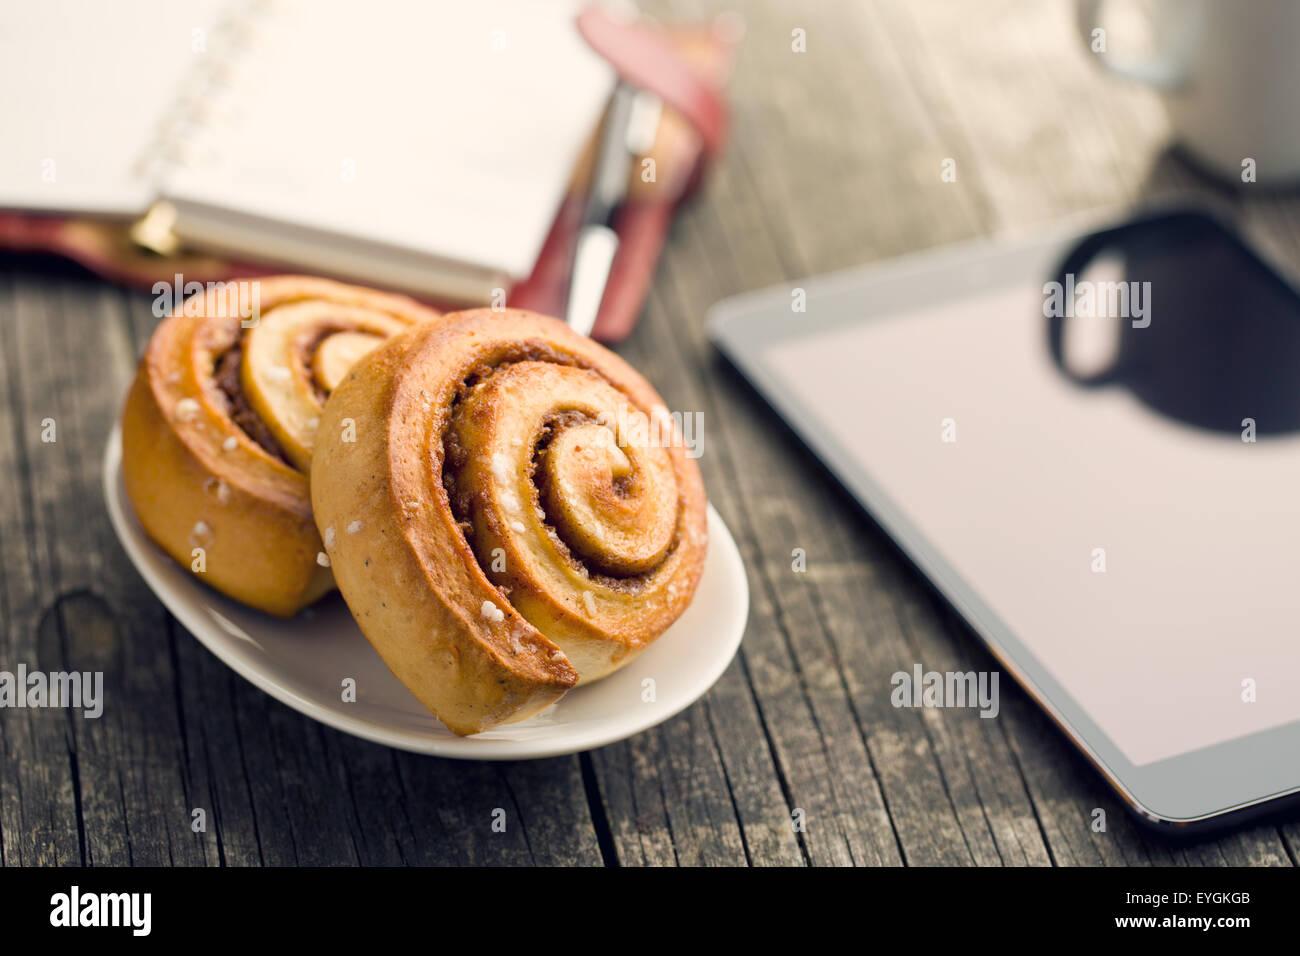 Panini alla cannella, una tazza di caffè e computer tablet. La prima colazione business. Immagini Stock